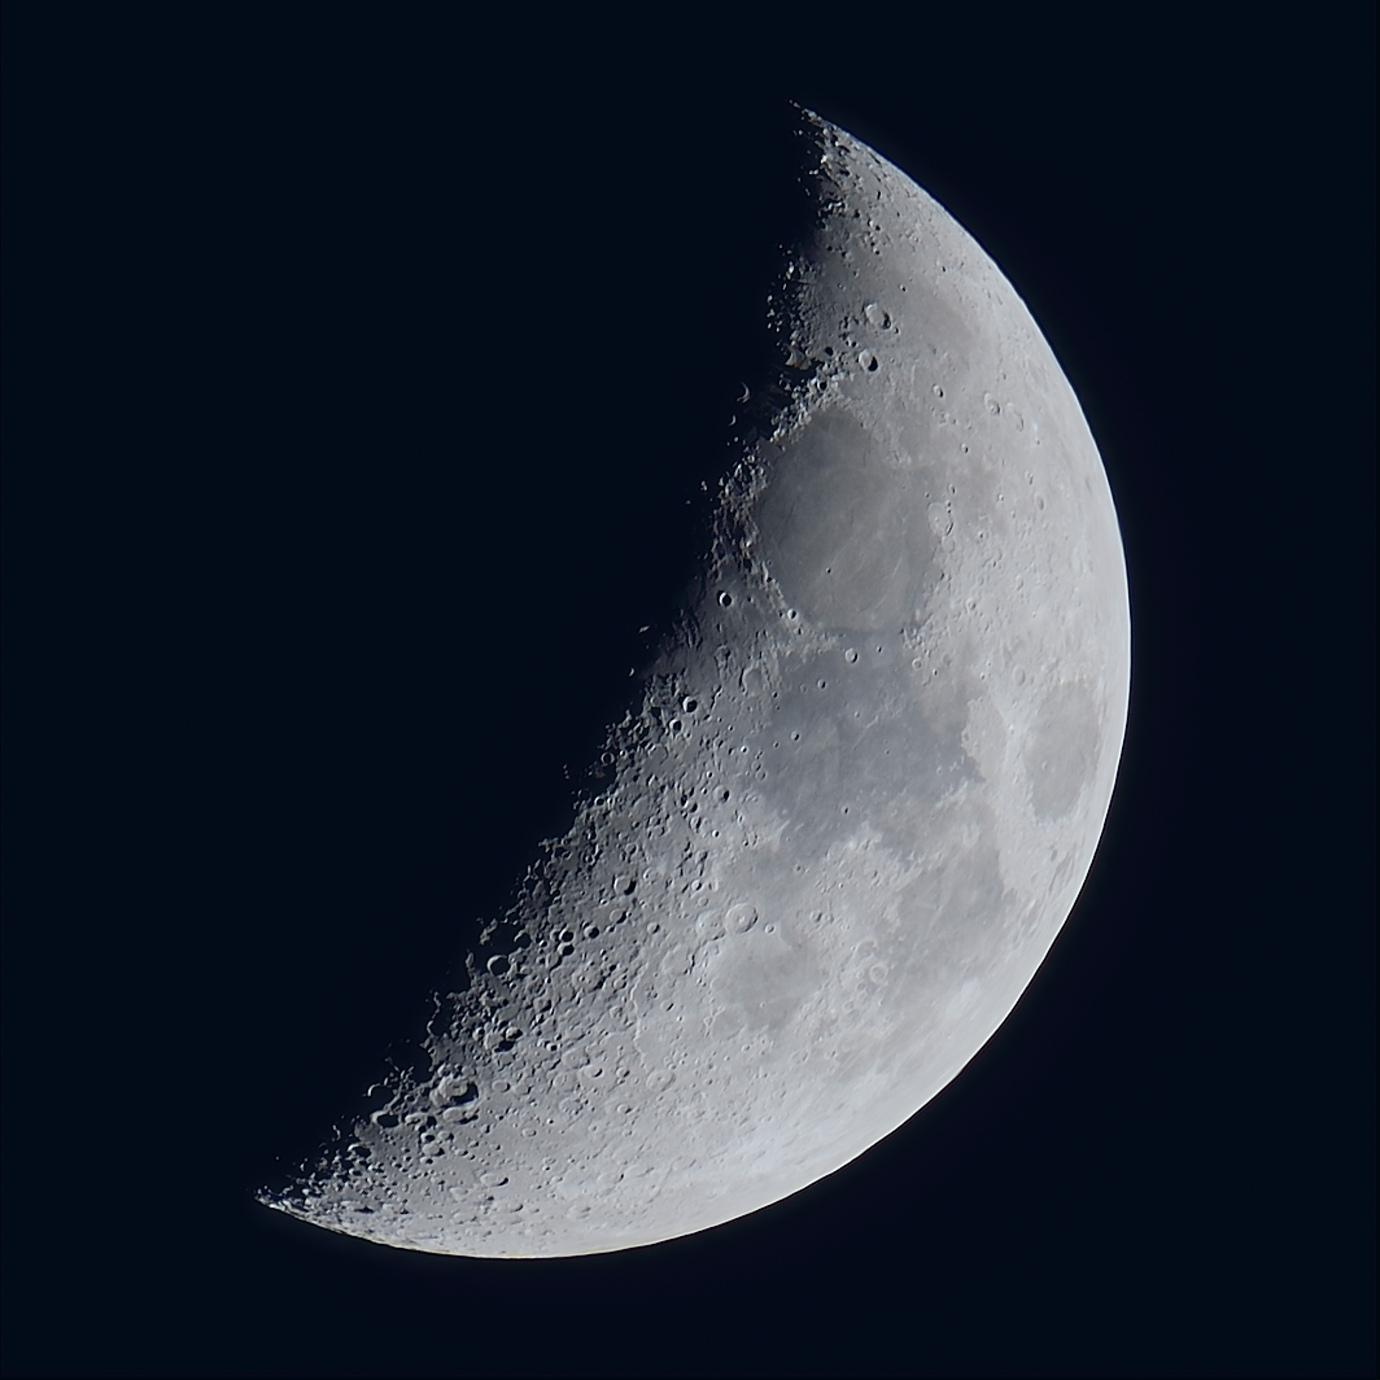 La lune du 25 Novembre, au zoom Sigma 120/300 et D810, à 500mm de focale